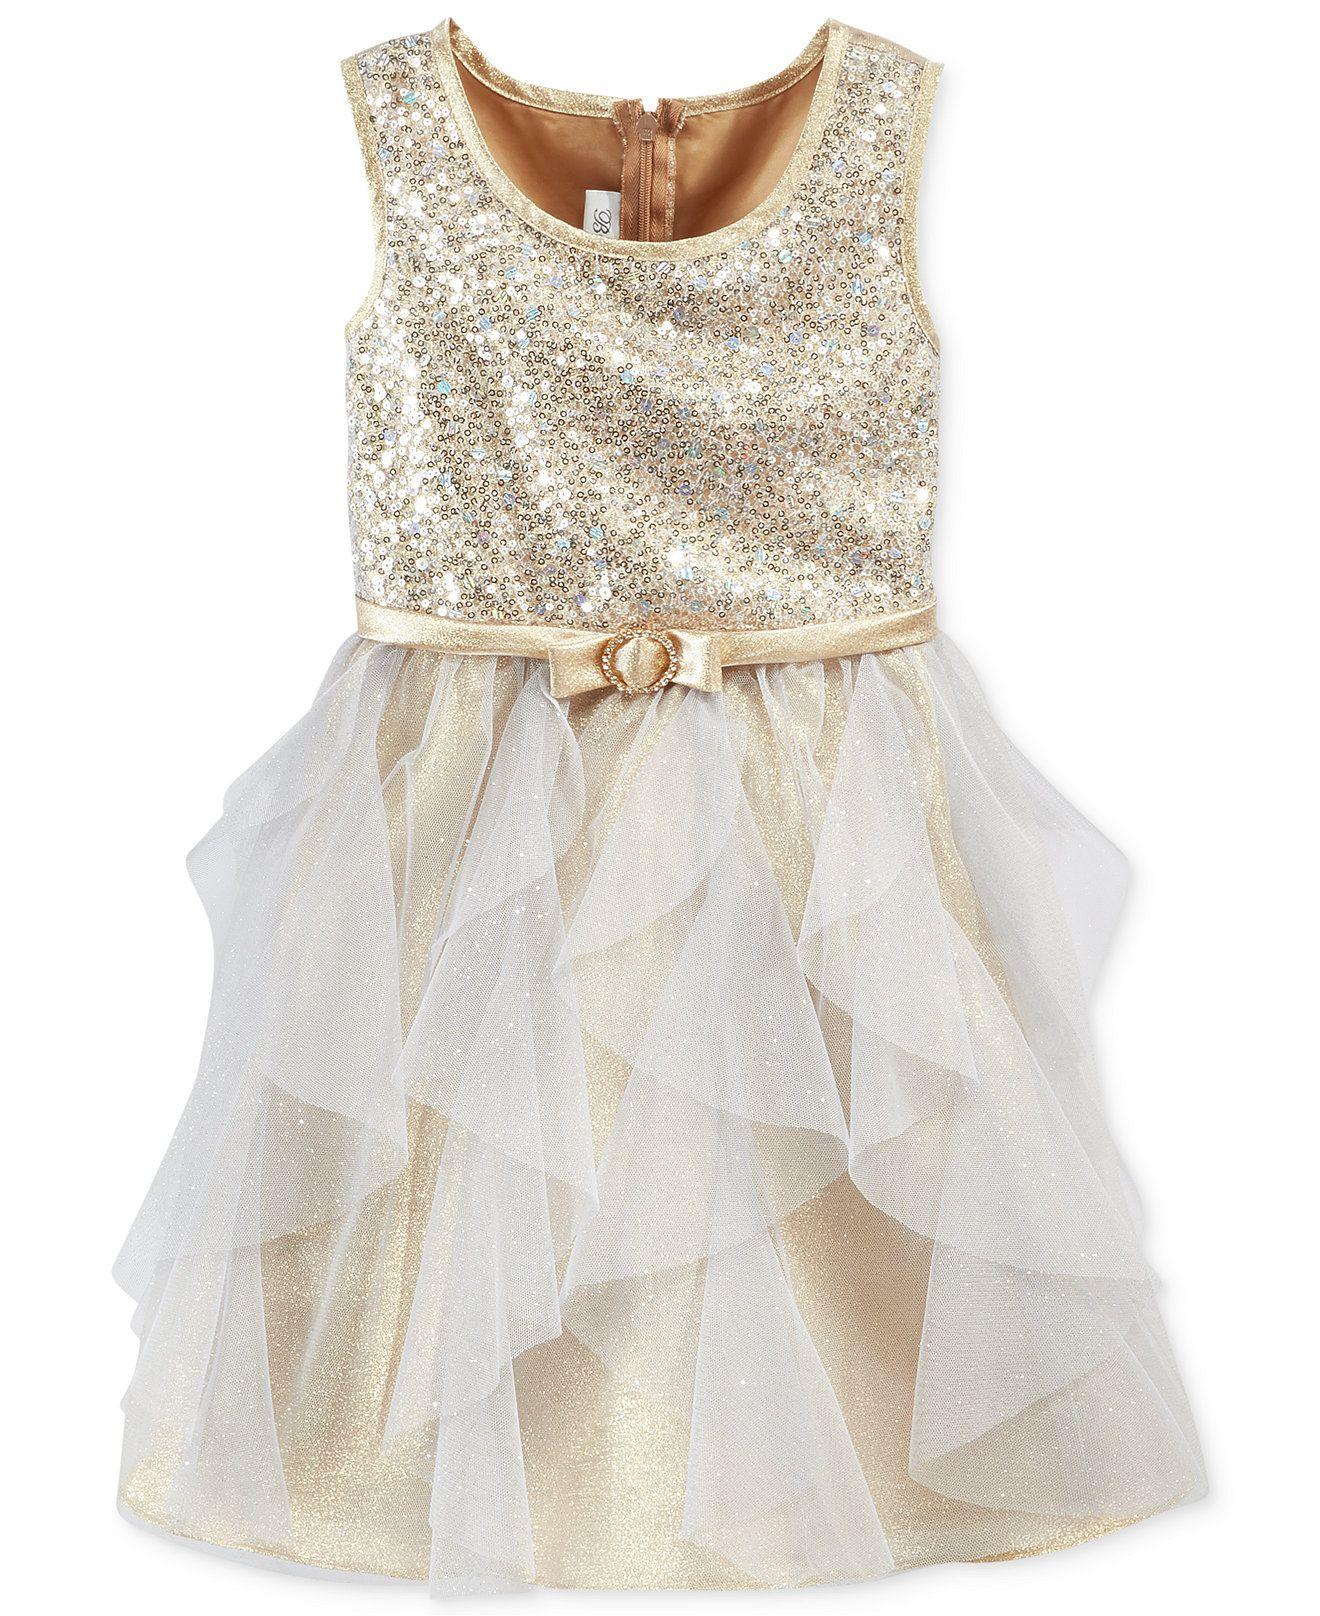 Bonnie jean little girls glittery tulle dress kids